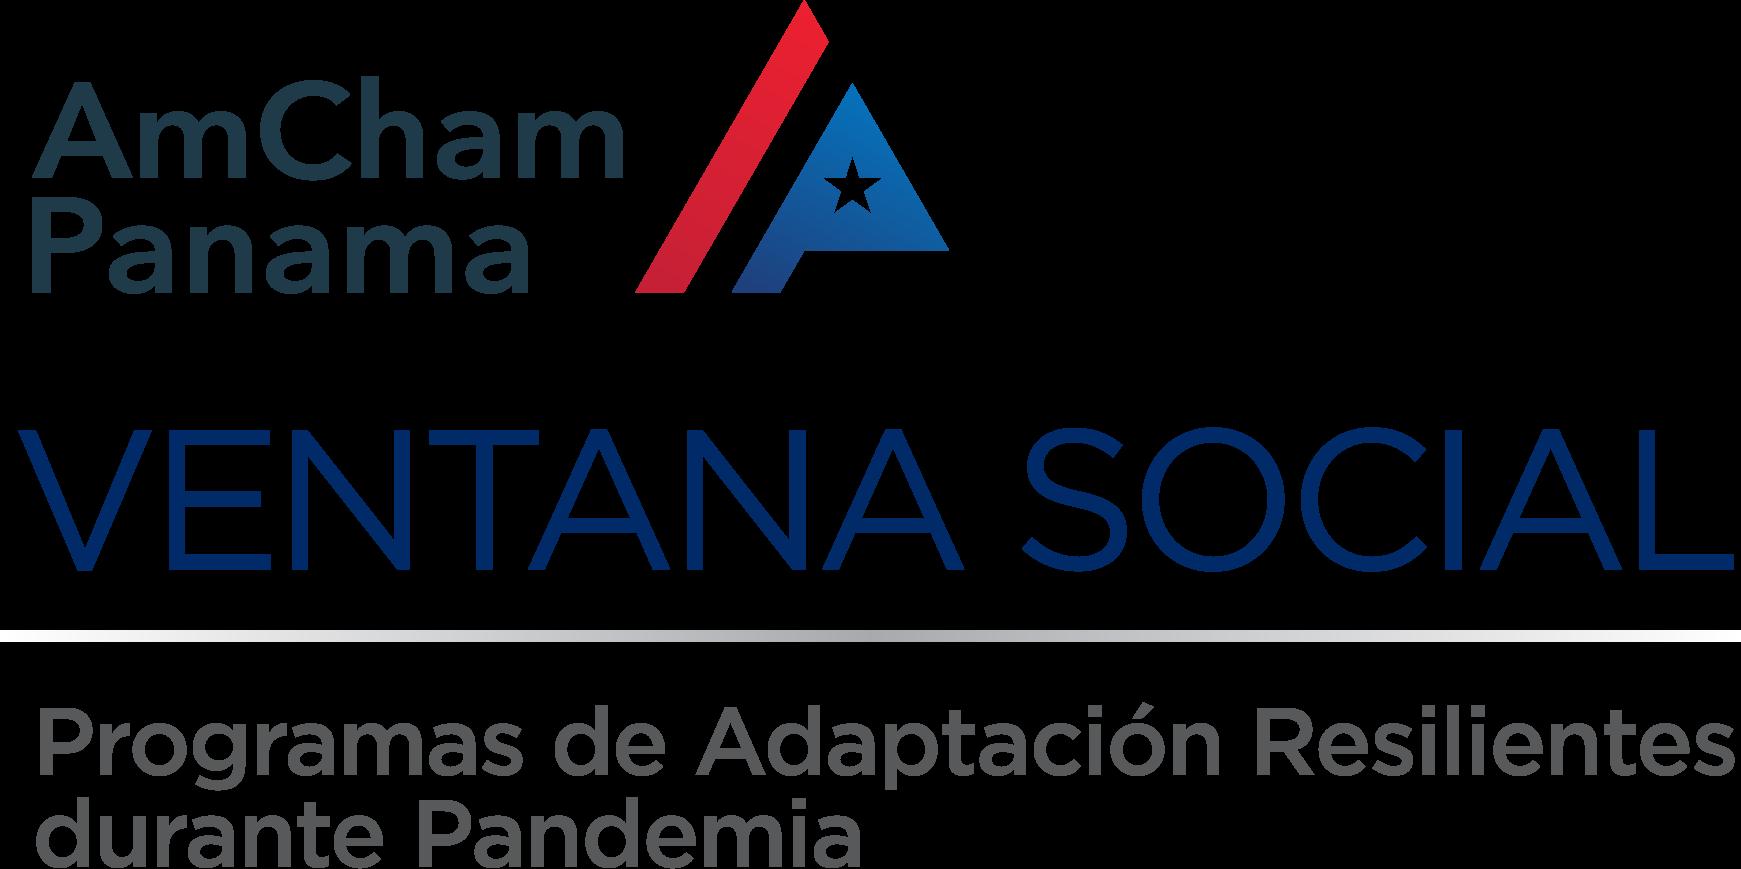 Ventana Social – Programas de Adaptación Resilientes en Pandemia